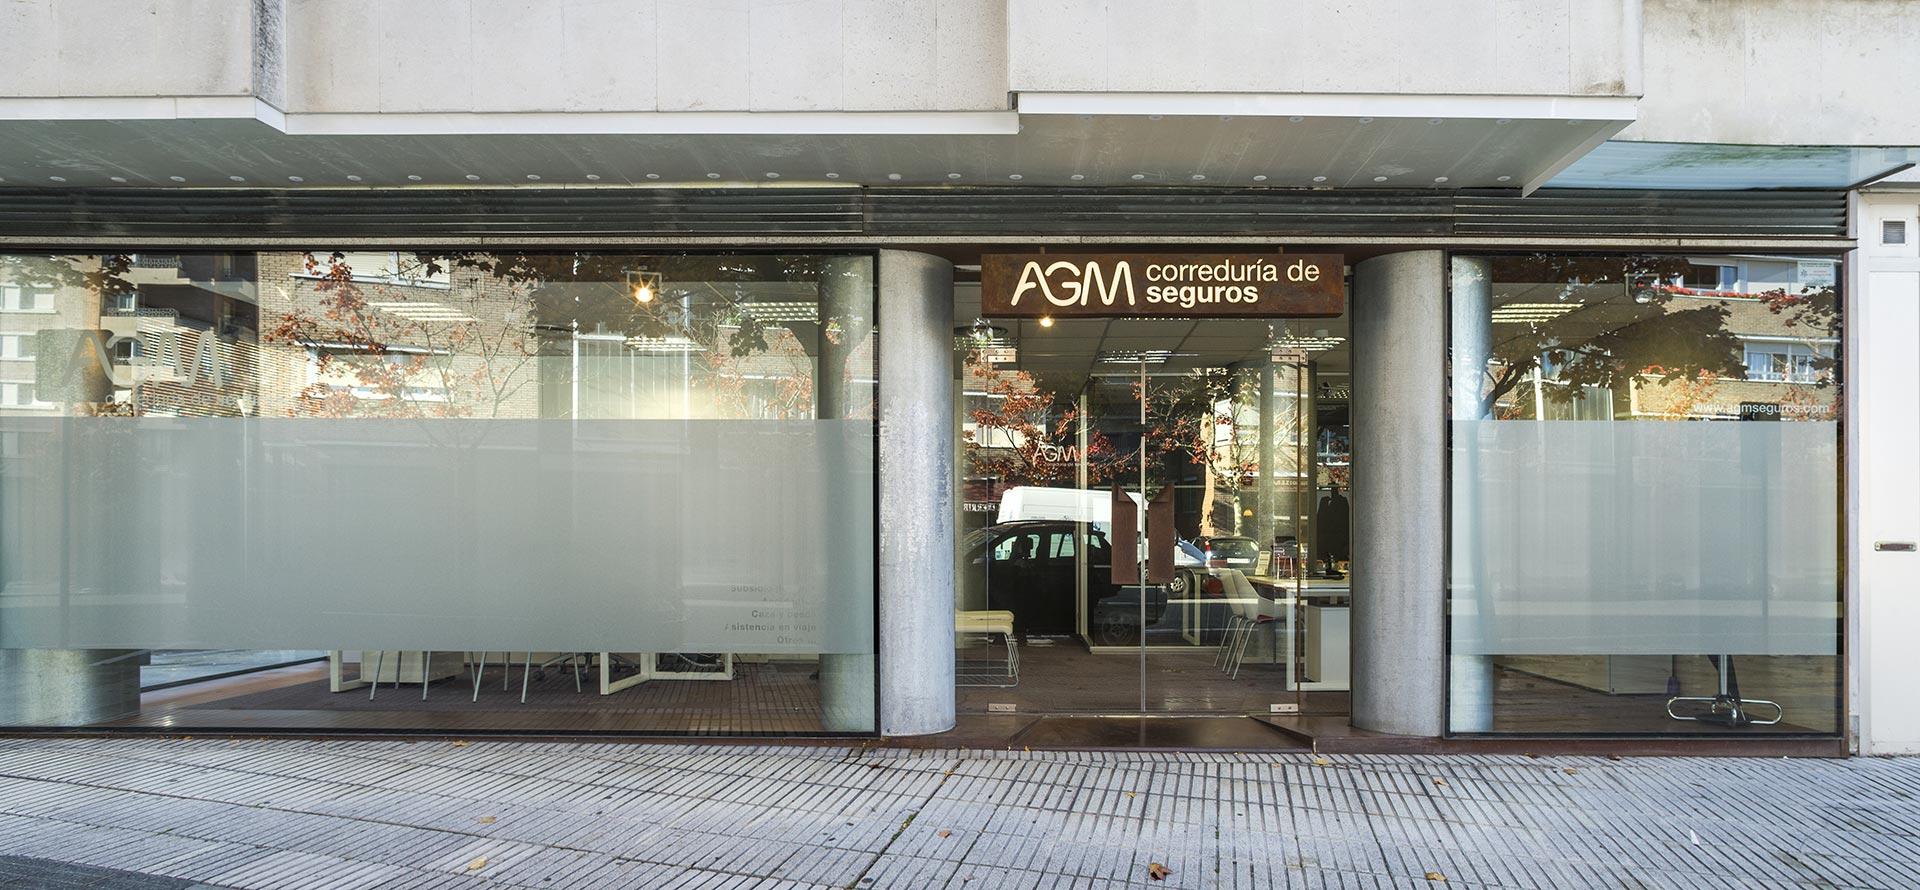 AGM Correduría de Seguros en Pamplona.